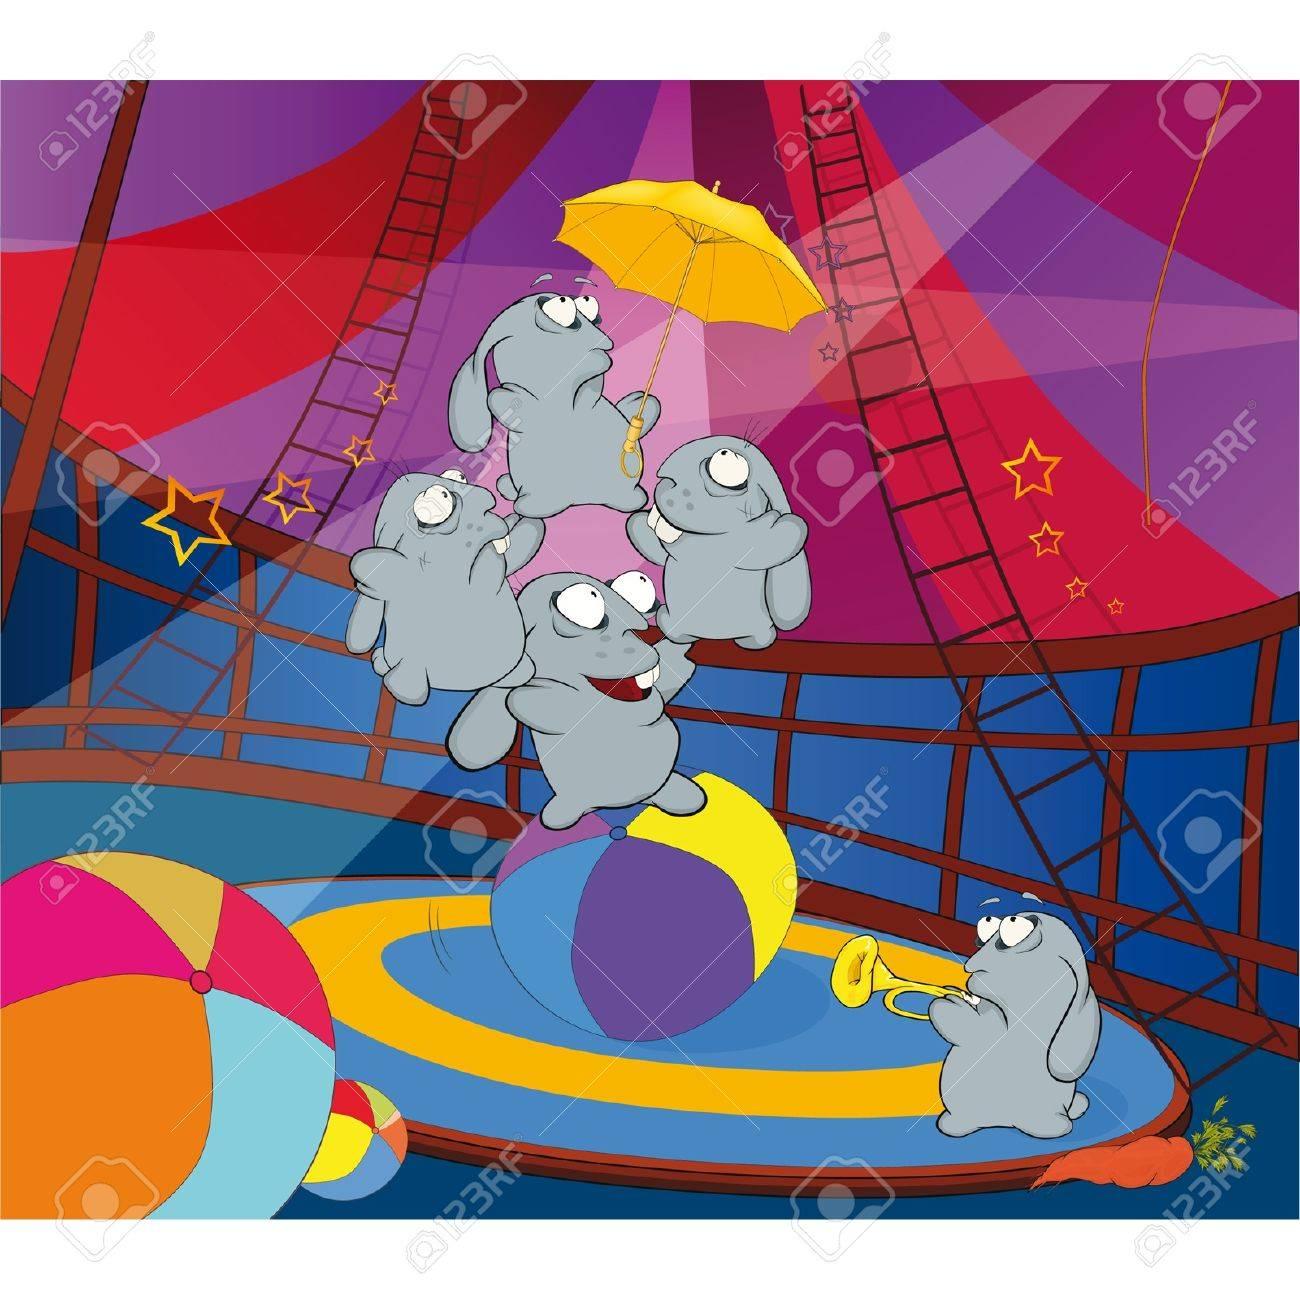 Rabbits and circus. Cartoon Stock Vector - 11660967